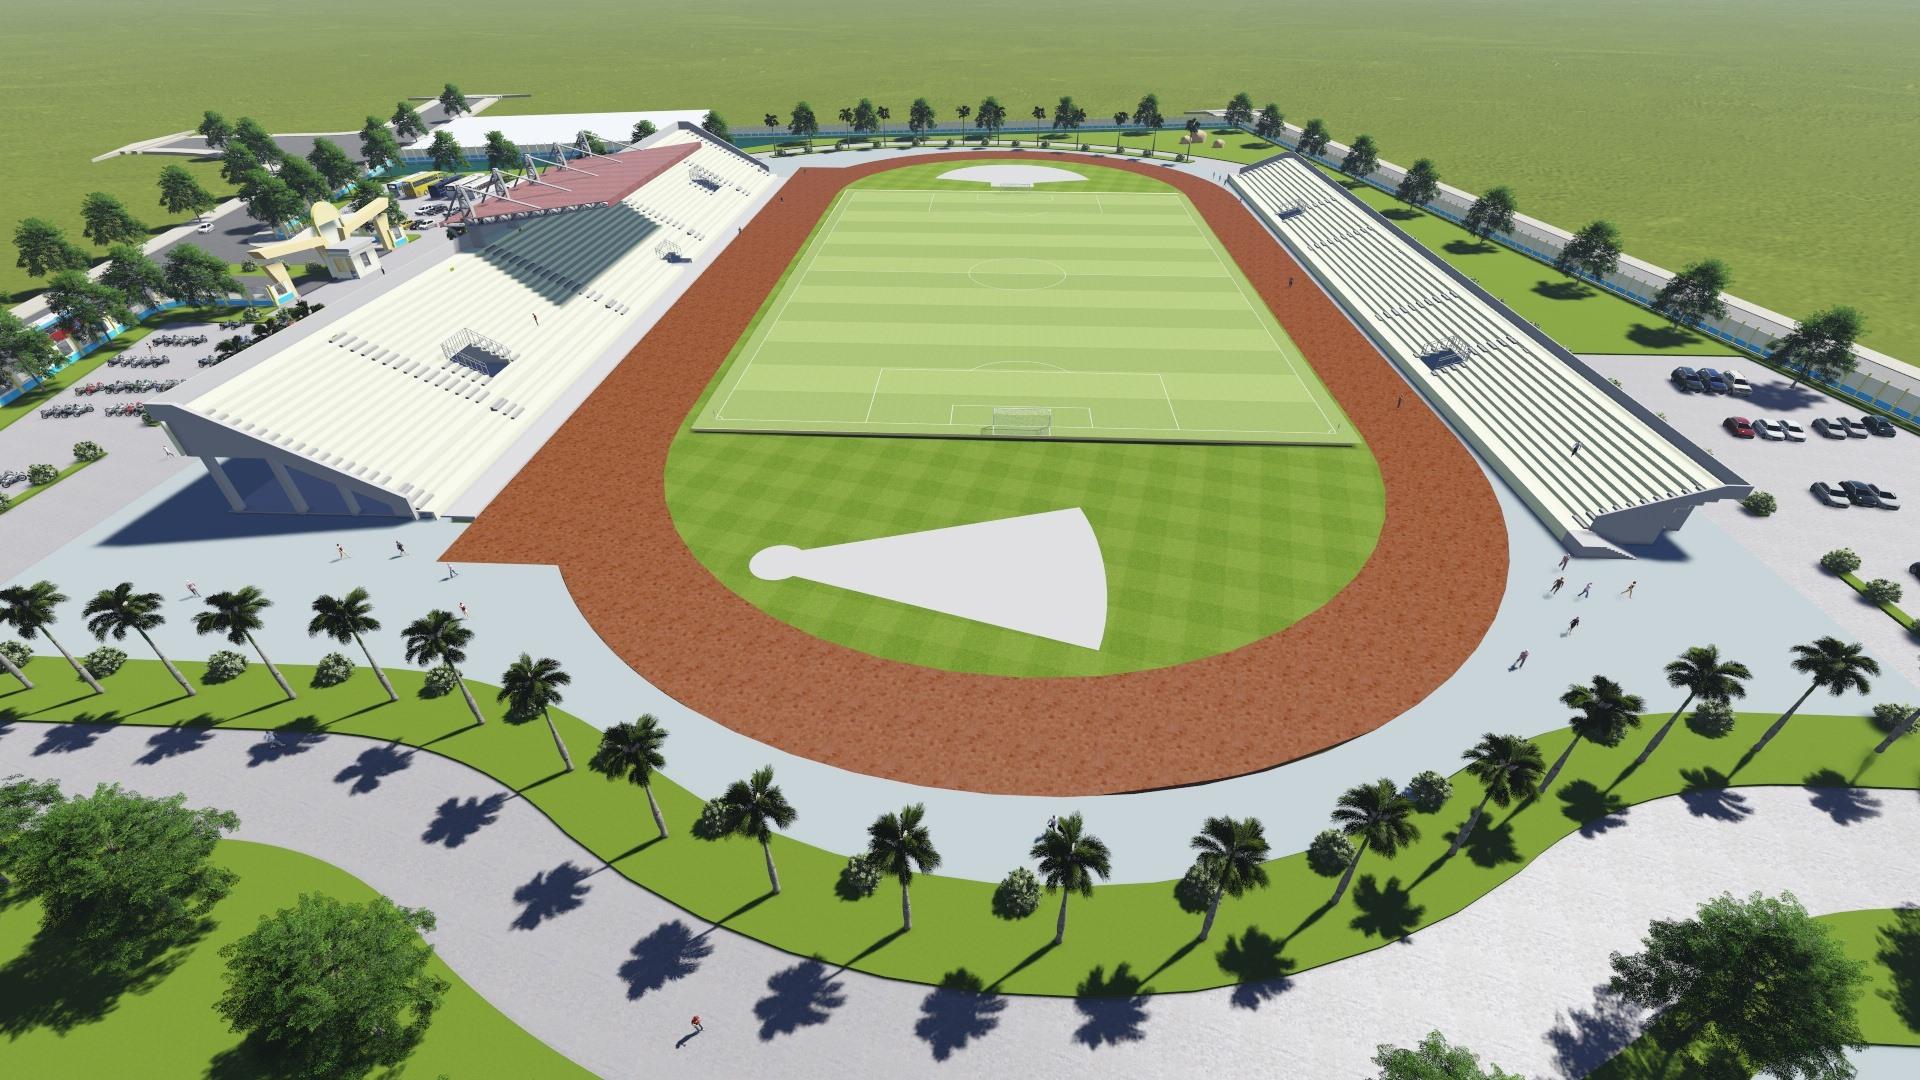 Sân bóng đá có kích thước đạt tiêu chuẩn quốc tế.